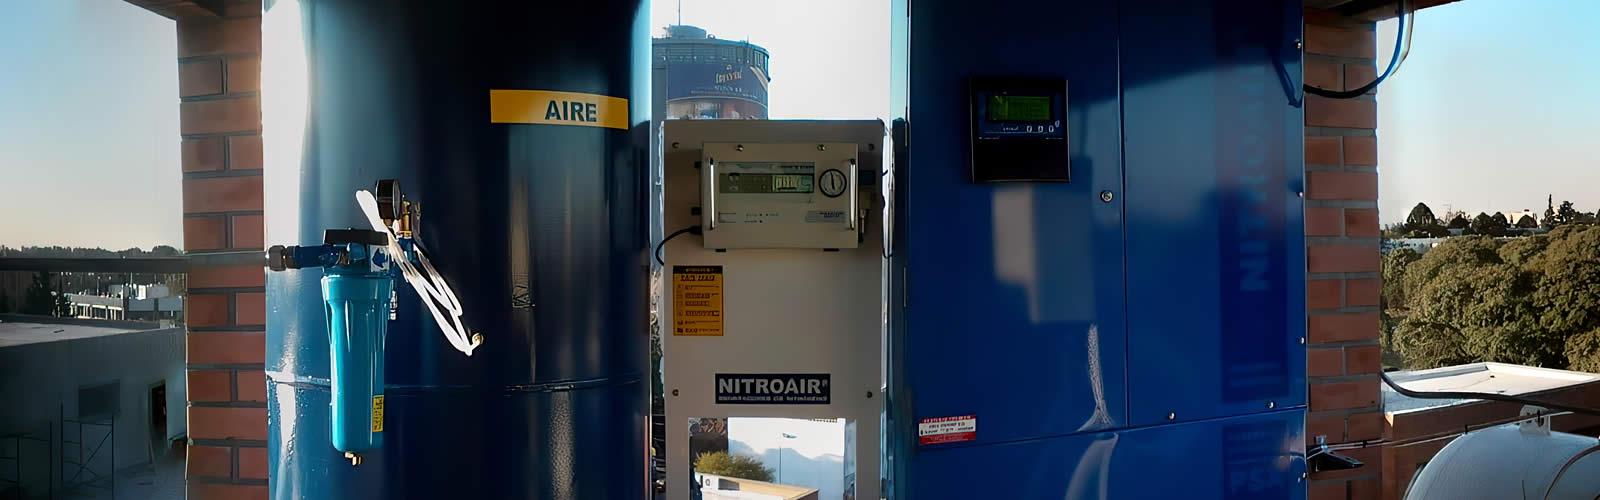 Generador de Nitrógeno | Nitroair